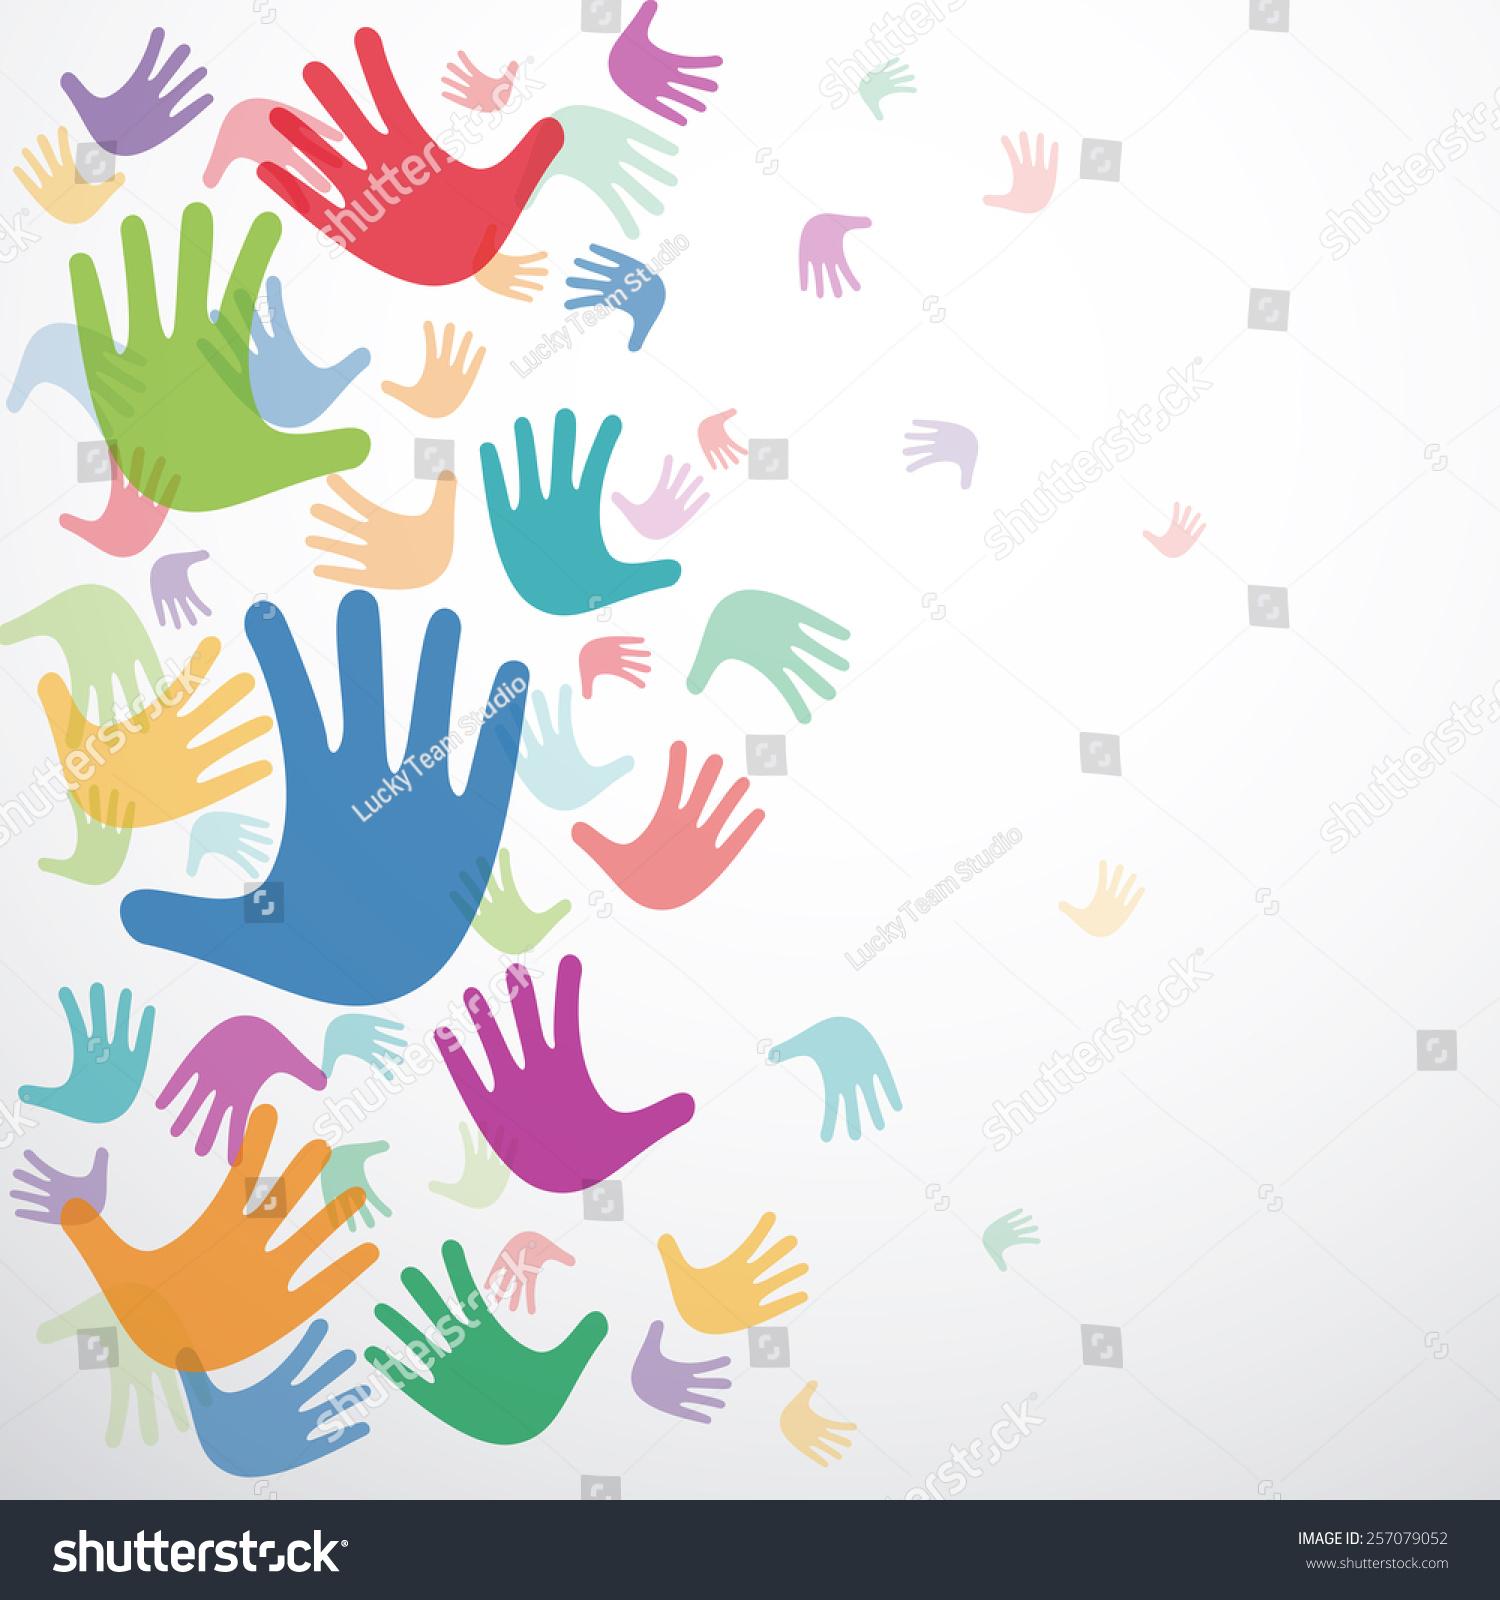 Vector Friendship Background   257079052 Shutterstock 1500x1600